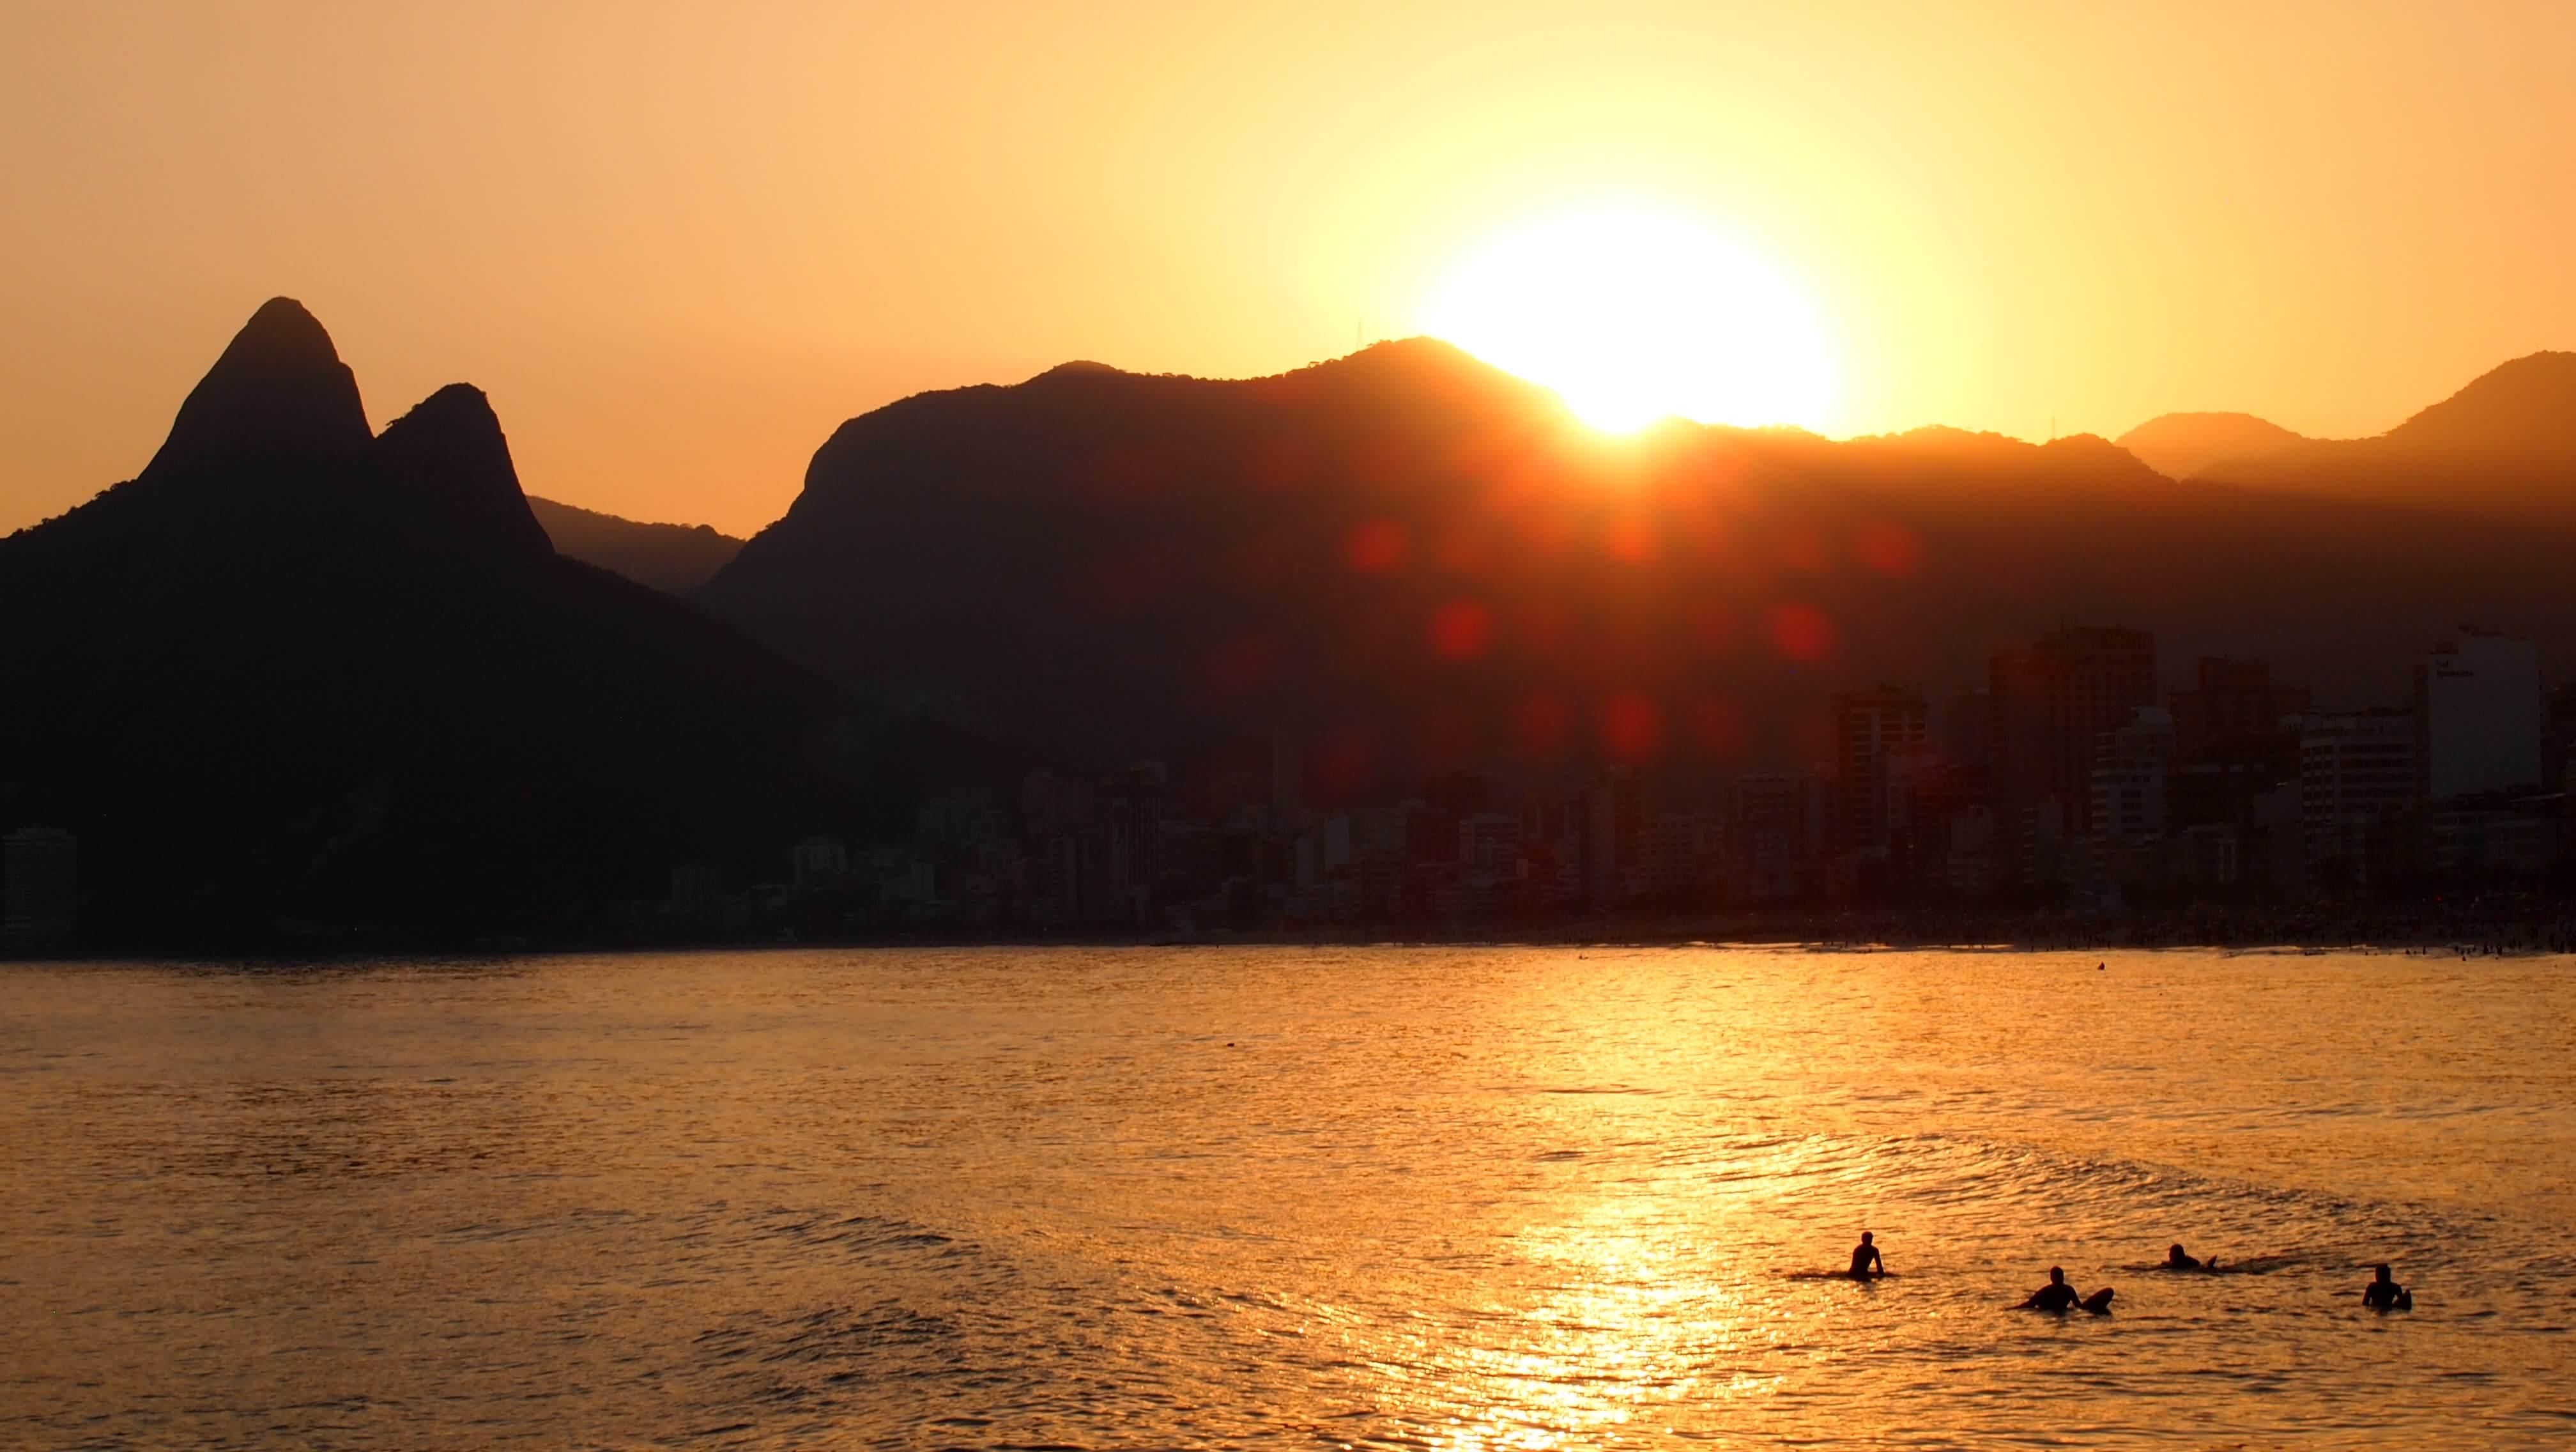 Rio, ciudade maravilhosa – Du hast mich immer wieder staunen lassen